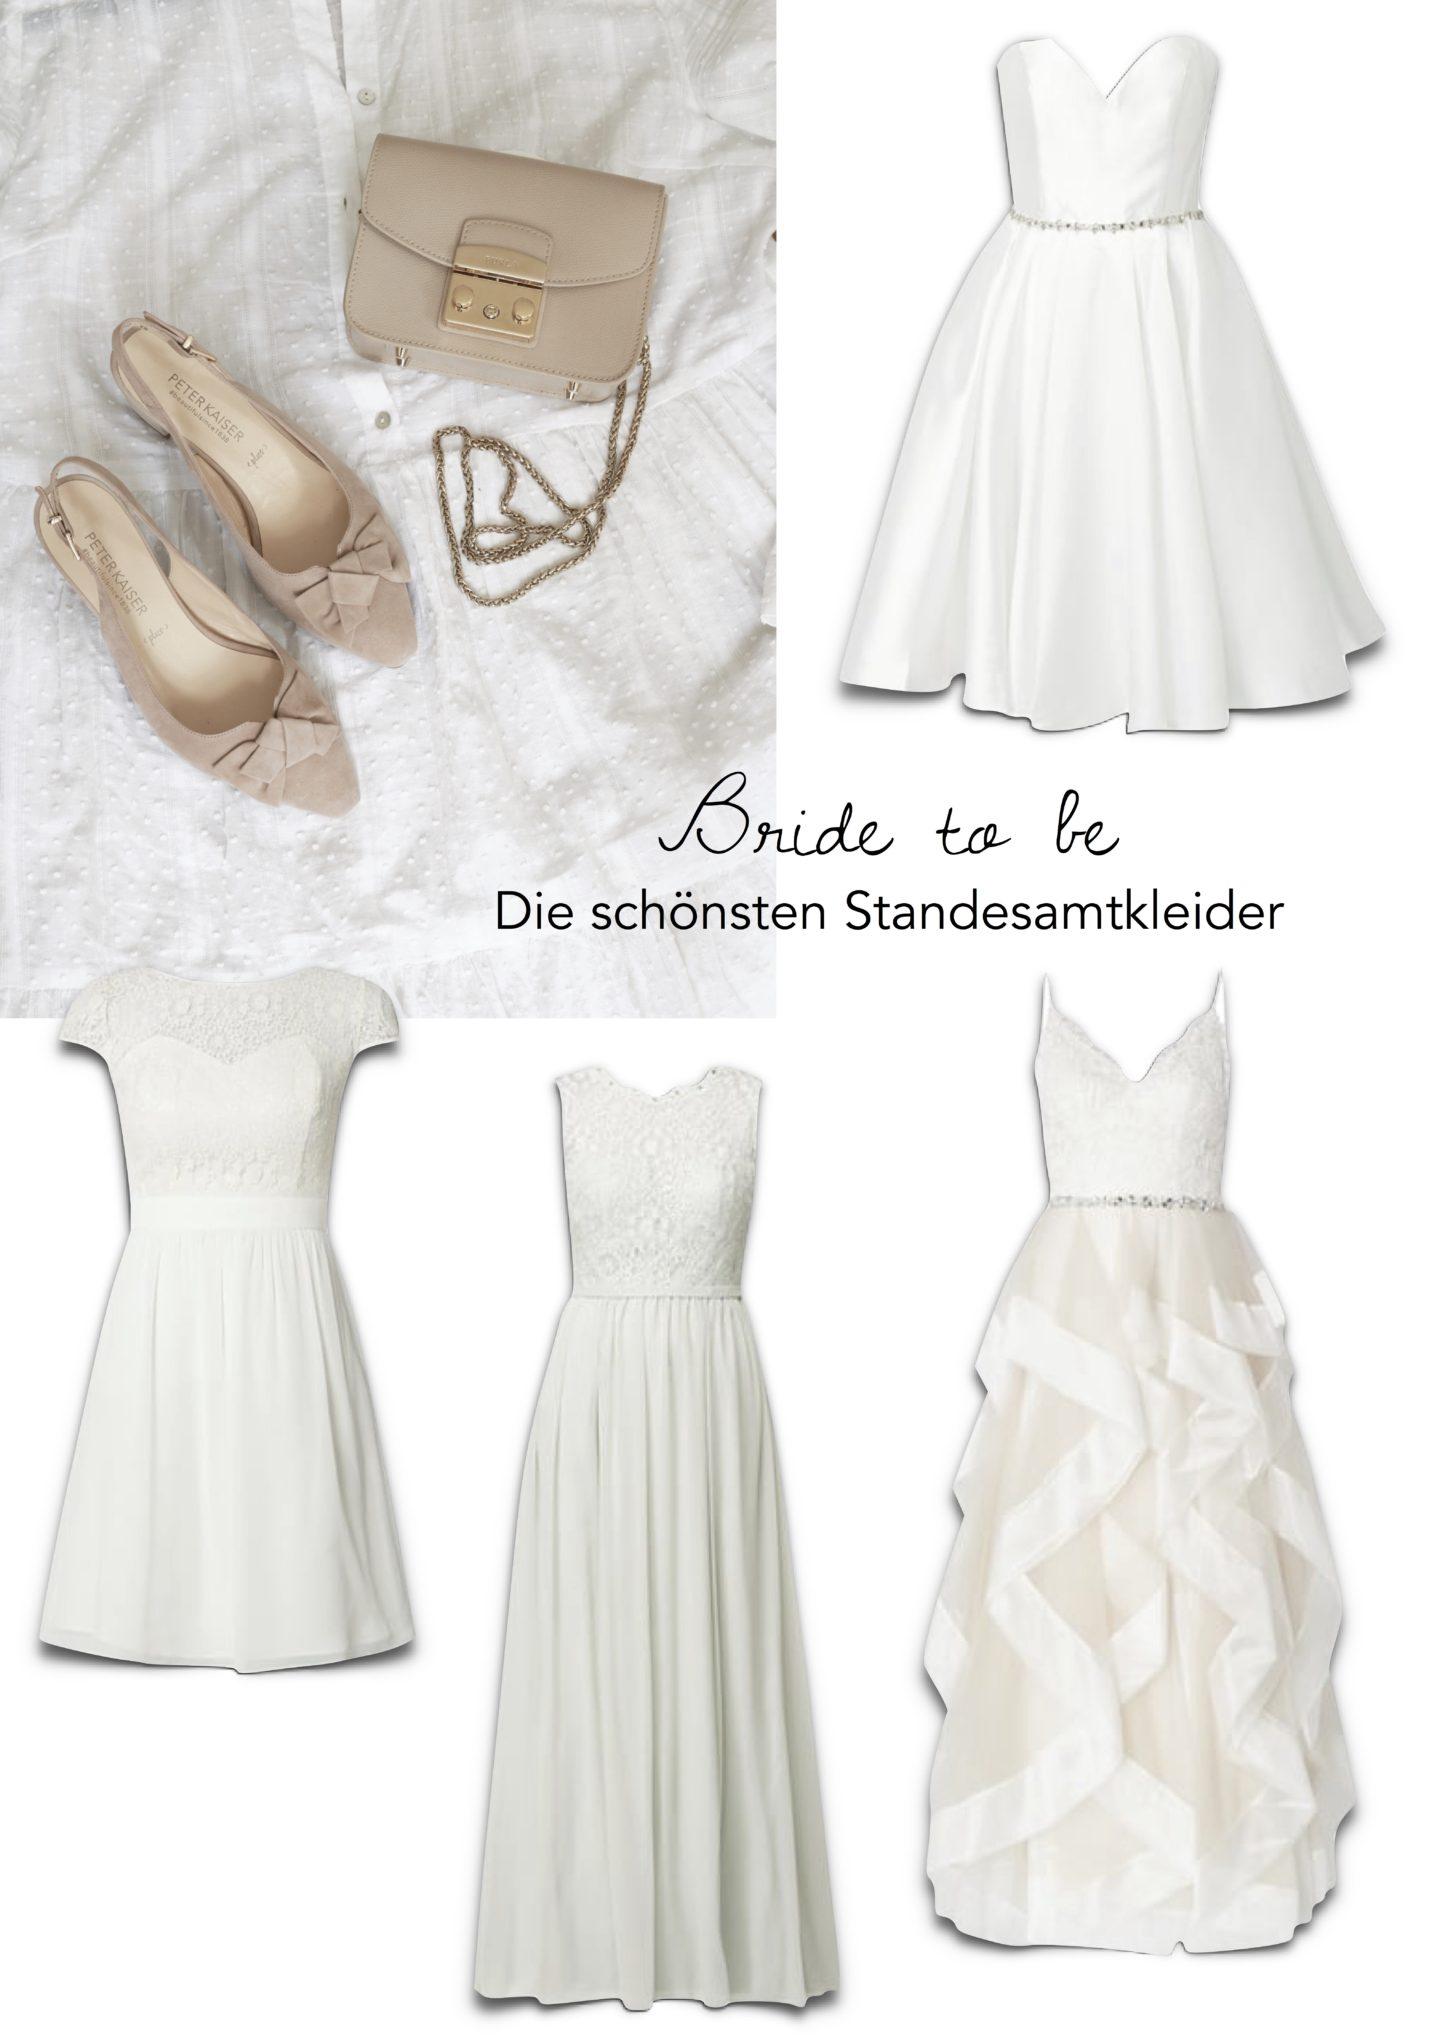 Weiße Standesamtkleider